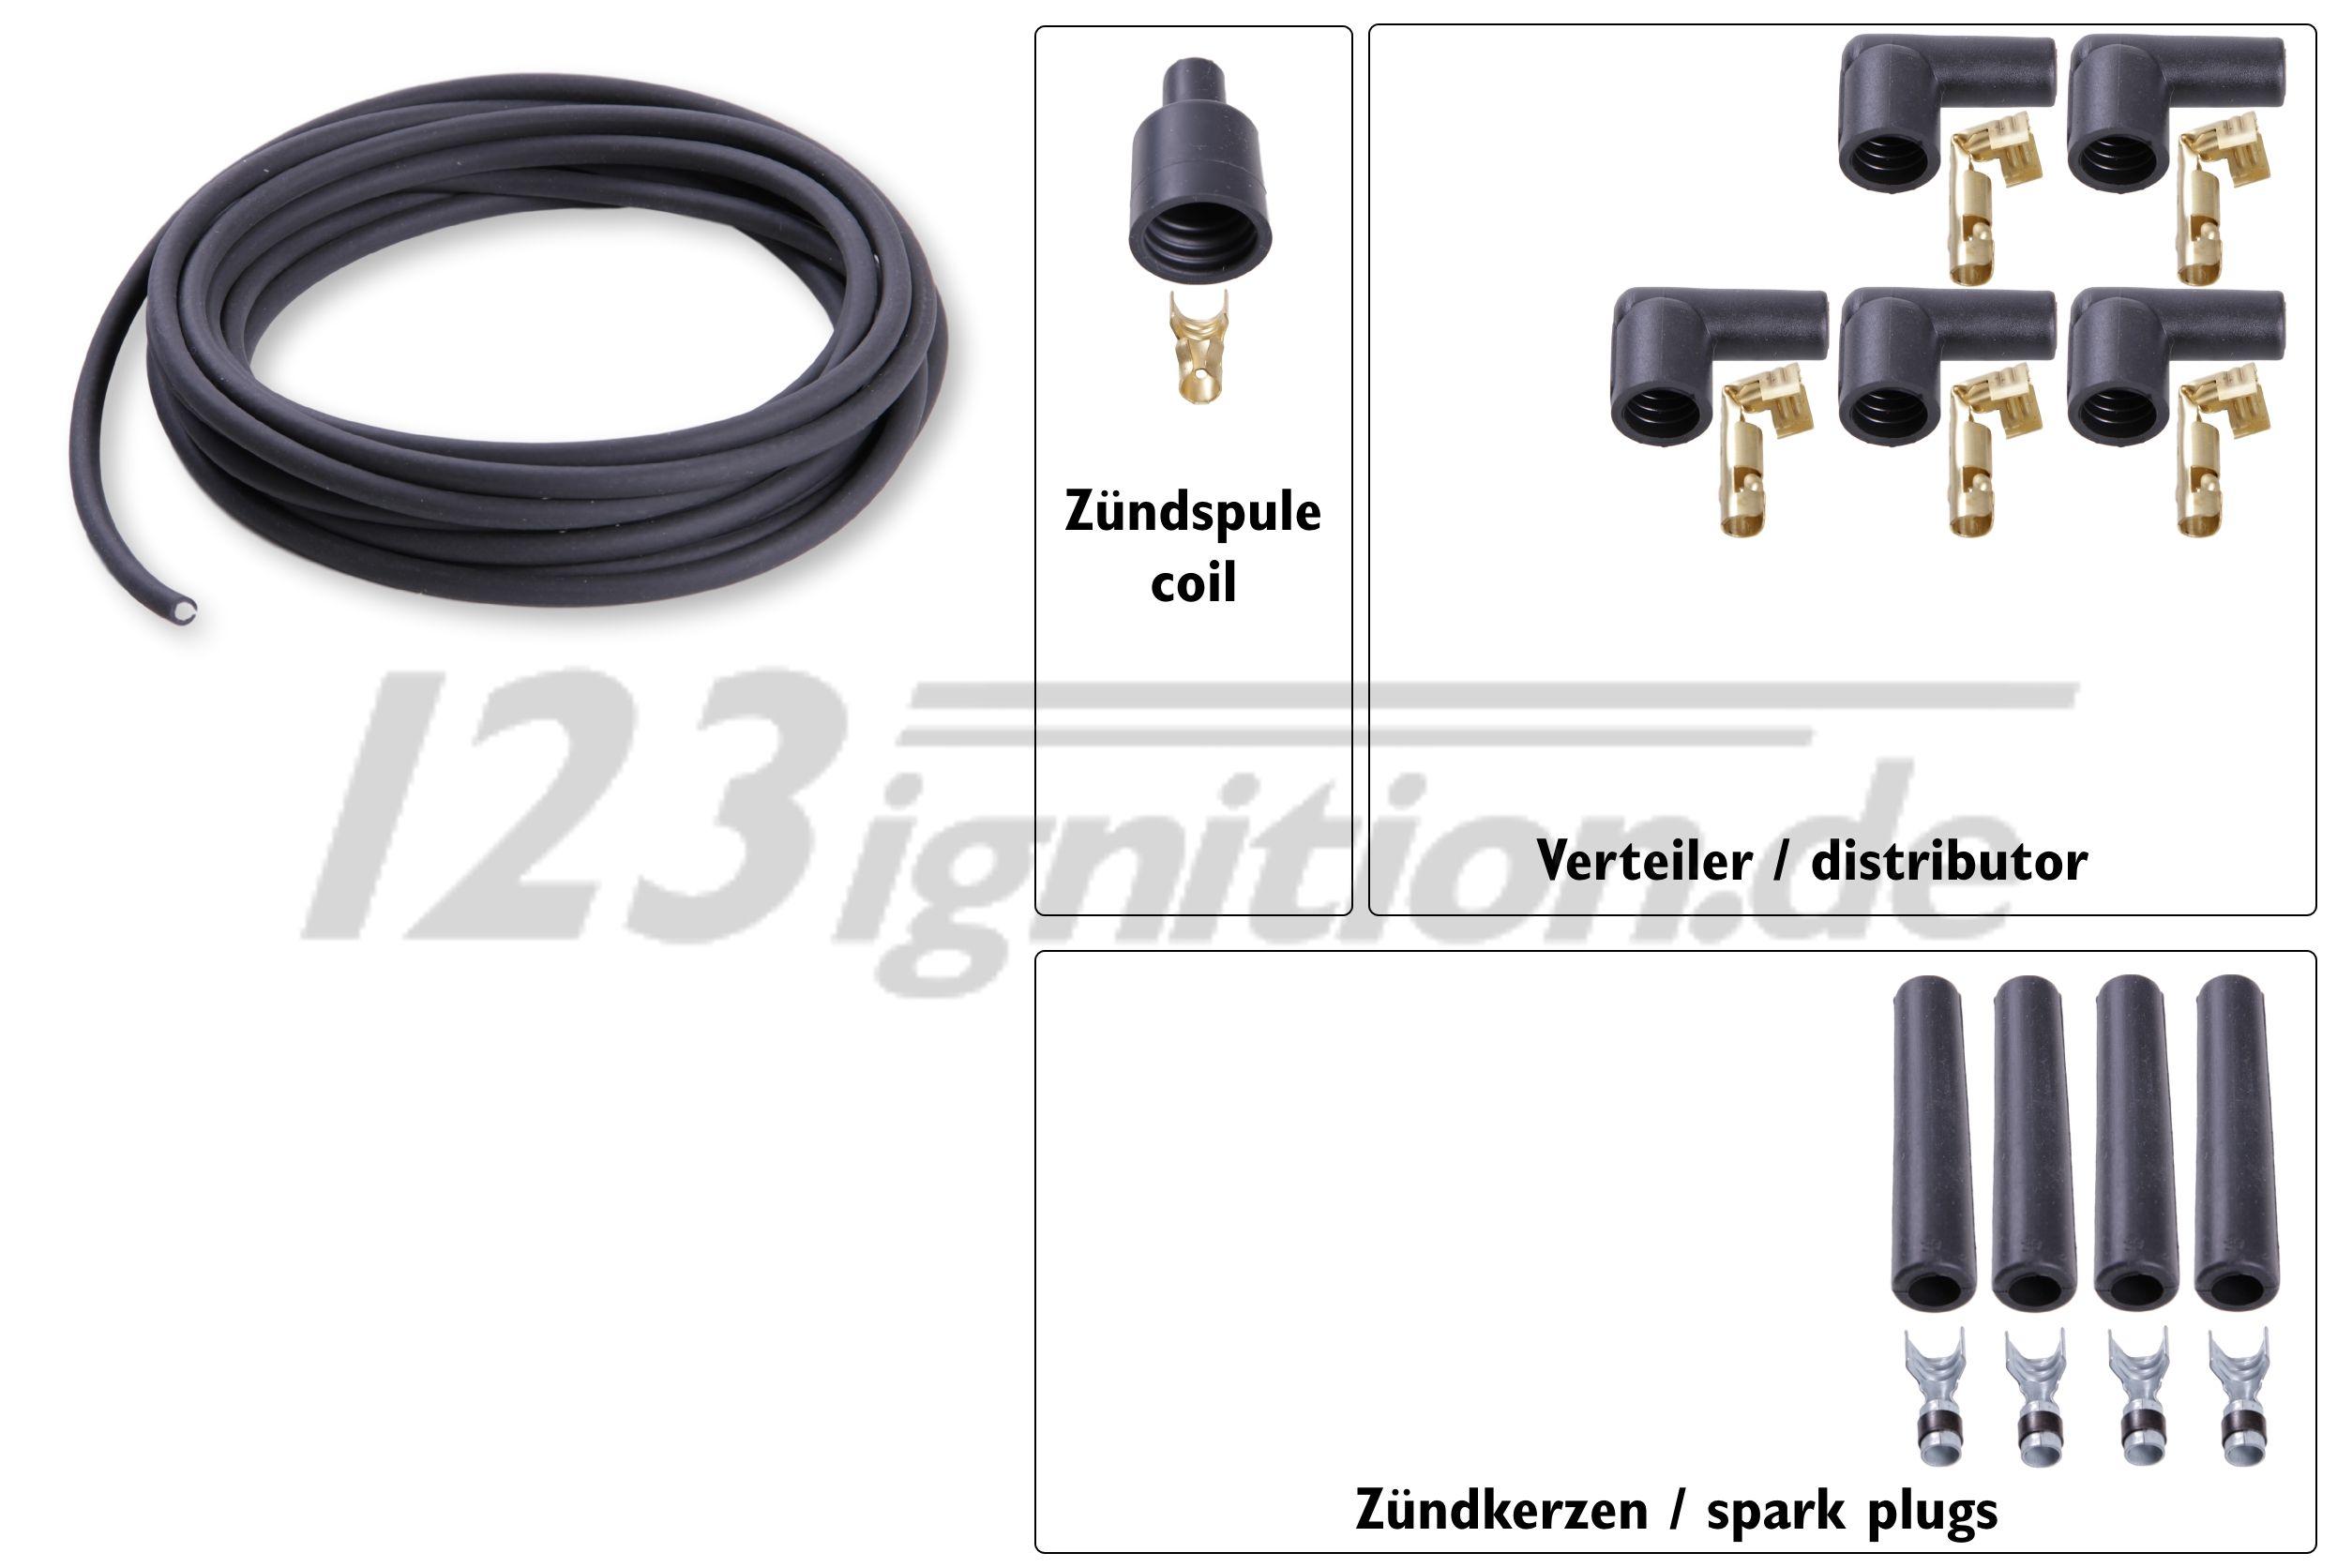 Hochleistungszündkabelsatz für 4 Zylinder Motoren, 7 mm in schwarz, gerade Zündkerzenstecker, gewinkelte Verteilerstecker, gerader Zündspulenstecker